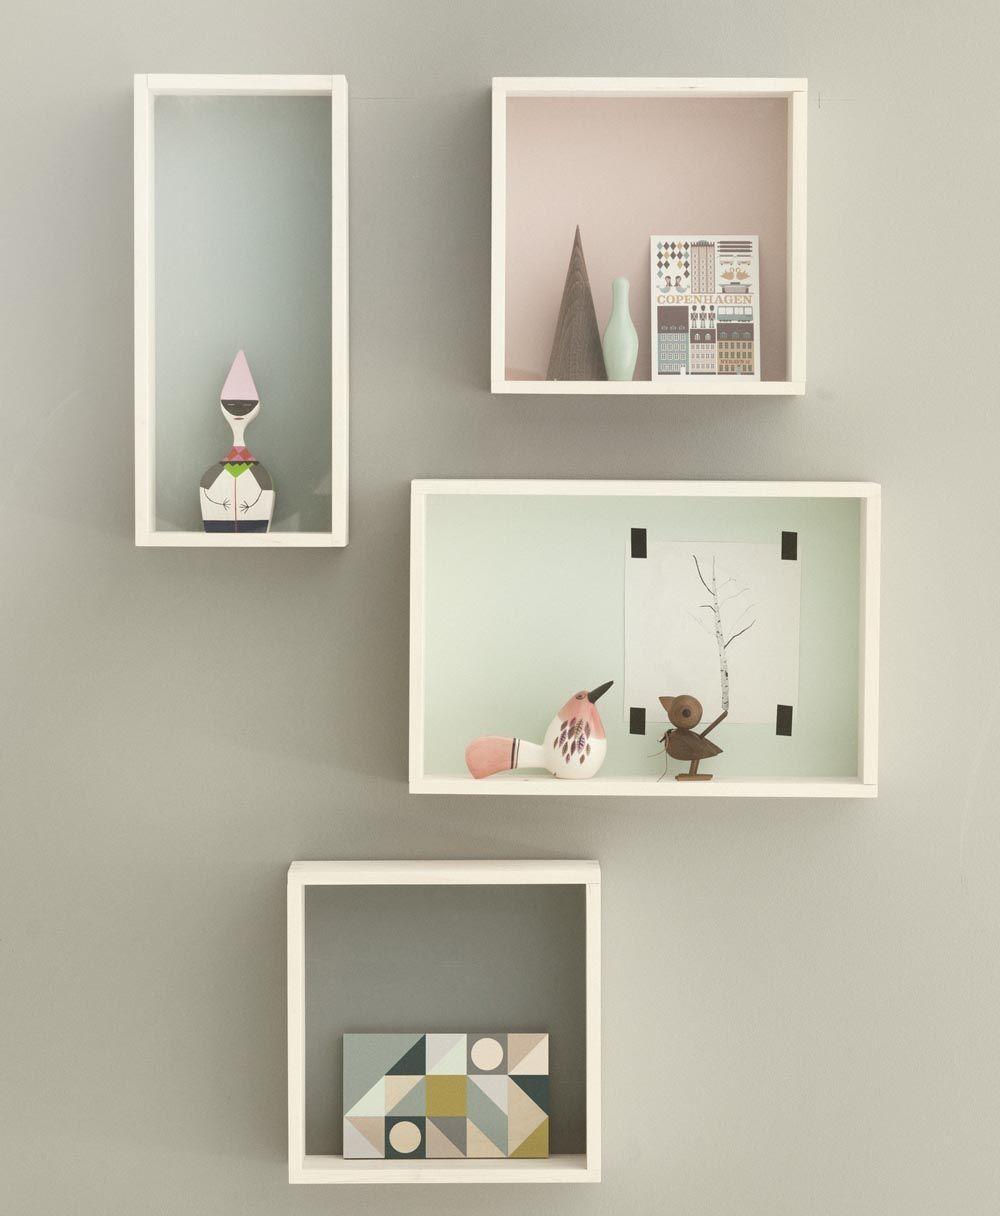 ferm living - entzückendes design aus skandinavien für babyzimmer